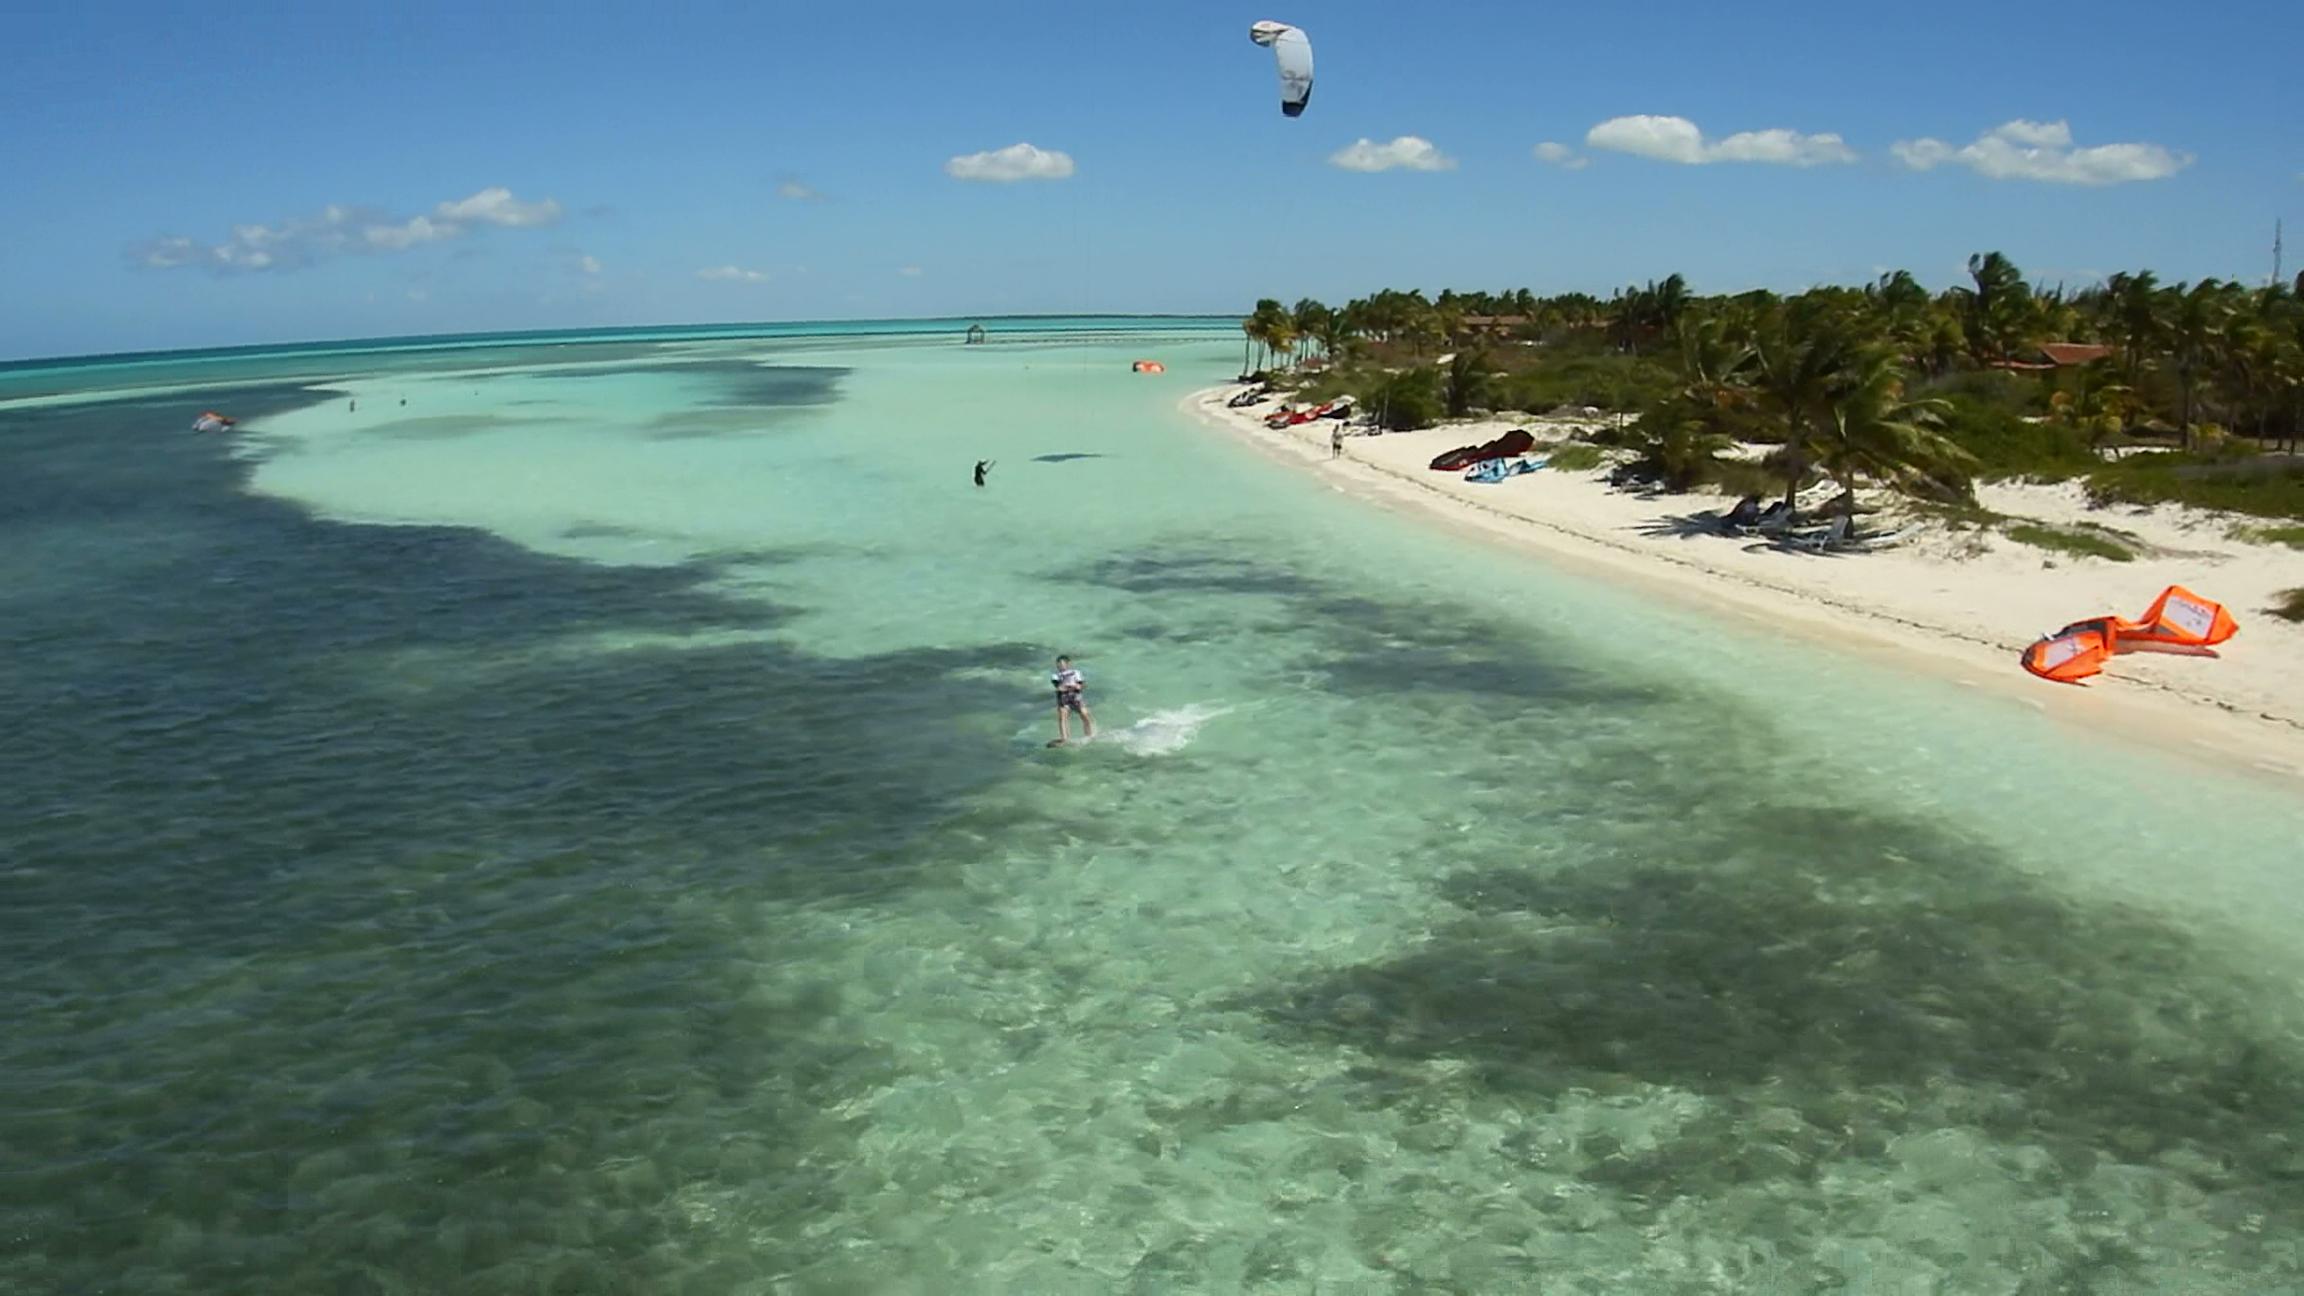 2012 Ozone Ozone Edge 7m 9m 11m 13m 15m 17m Kites